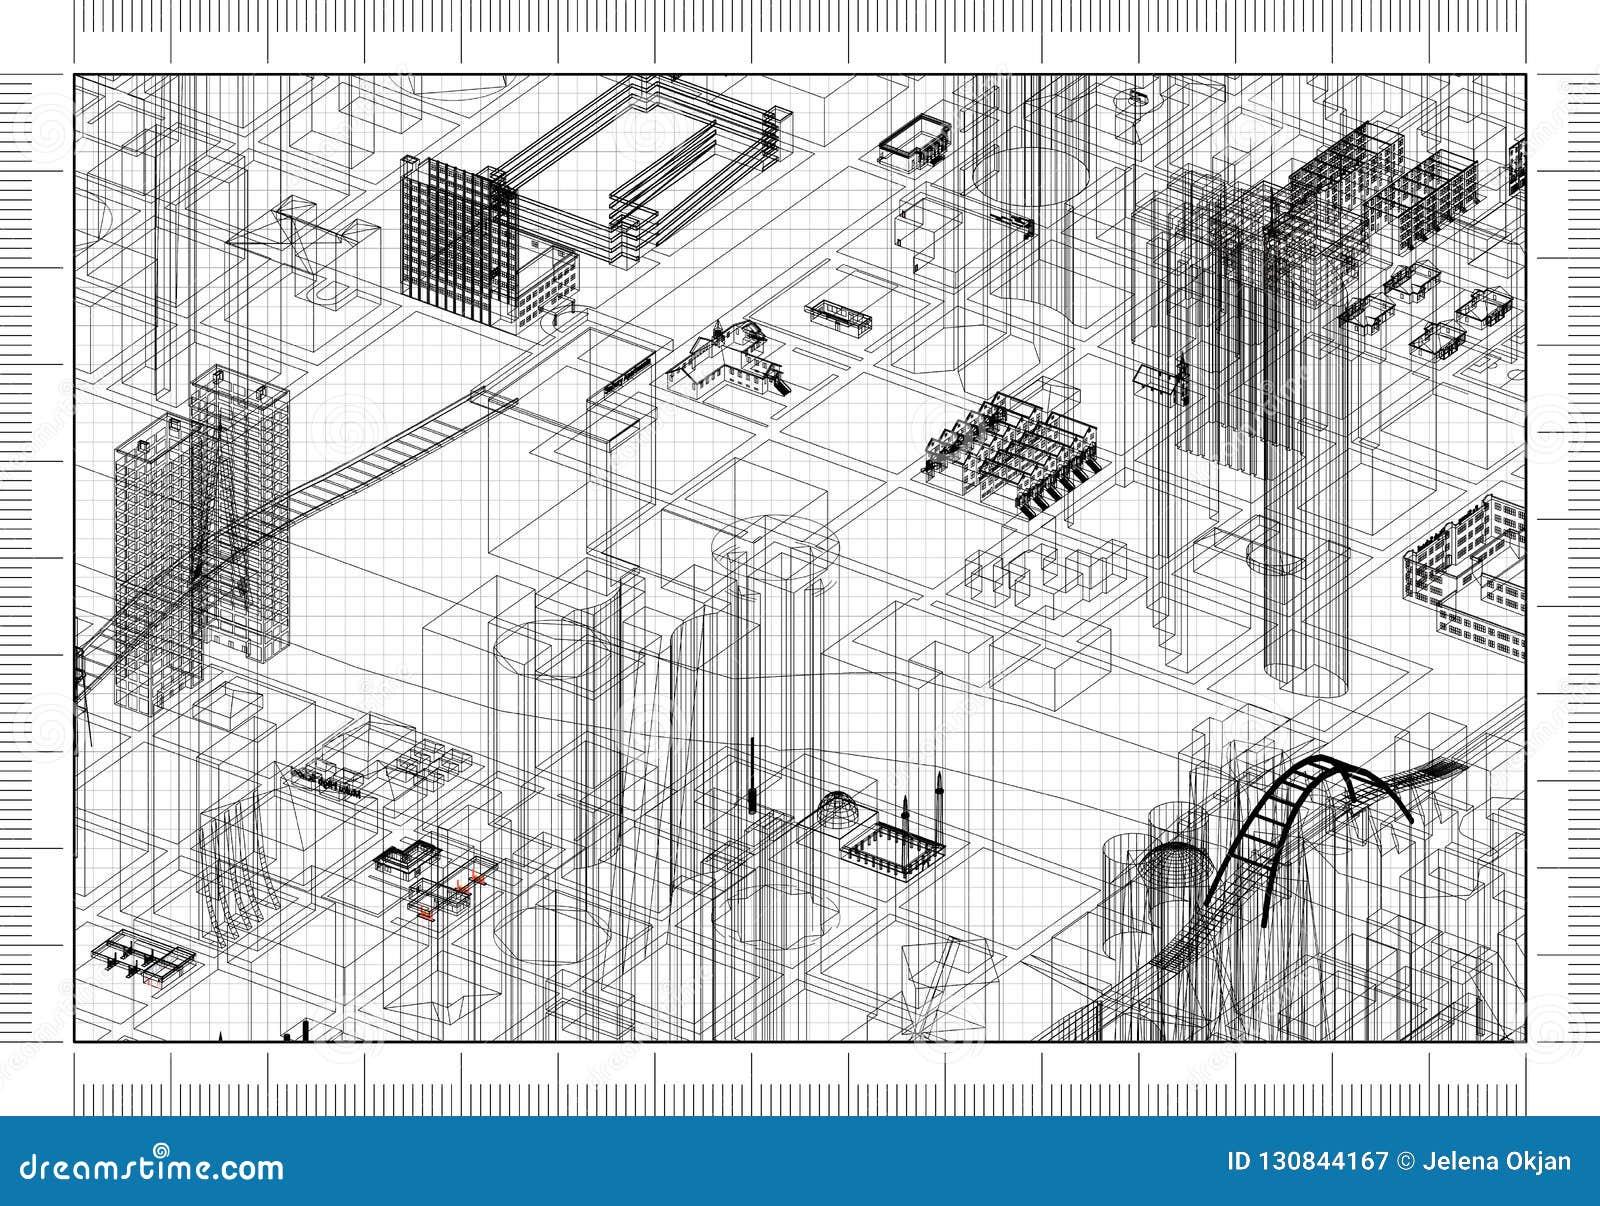 Architecte Blueprint